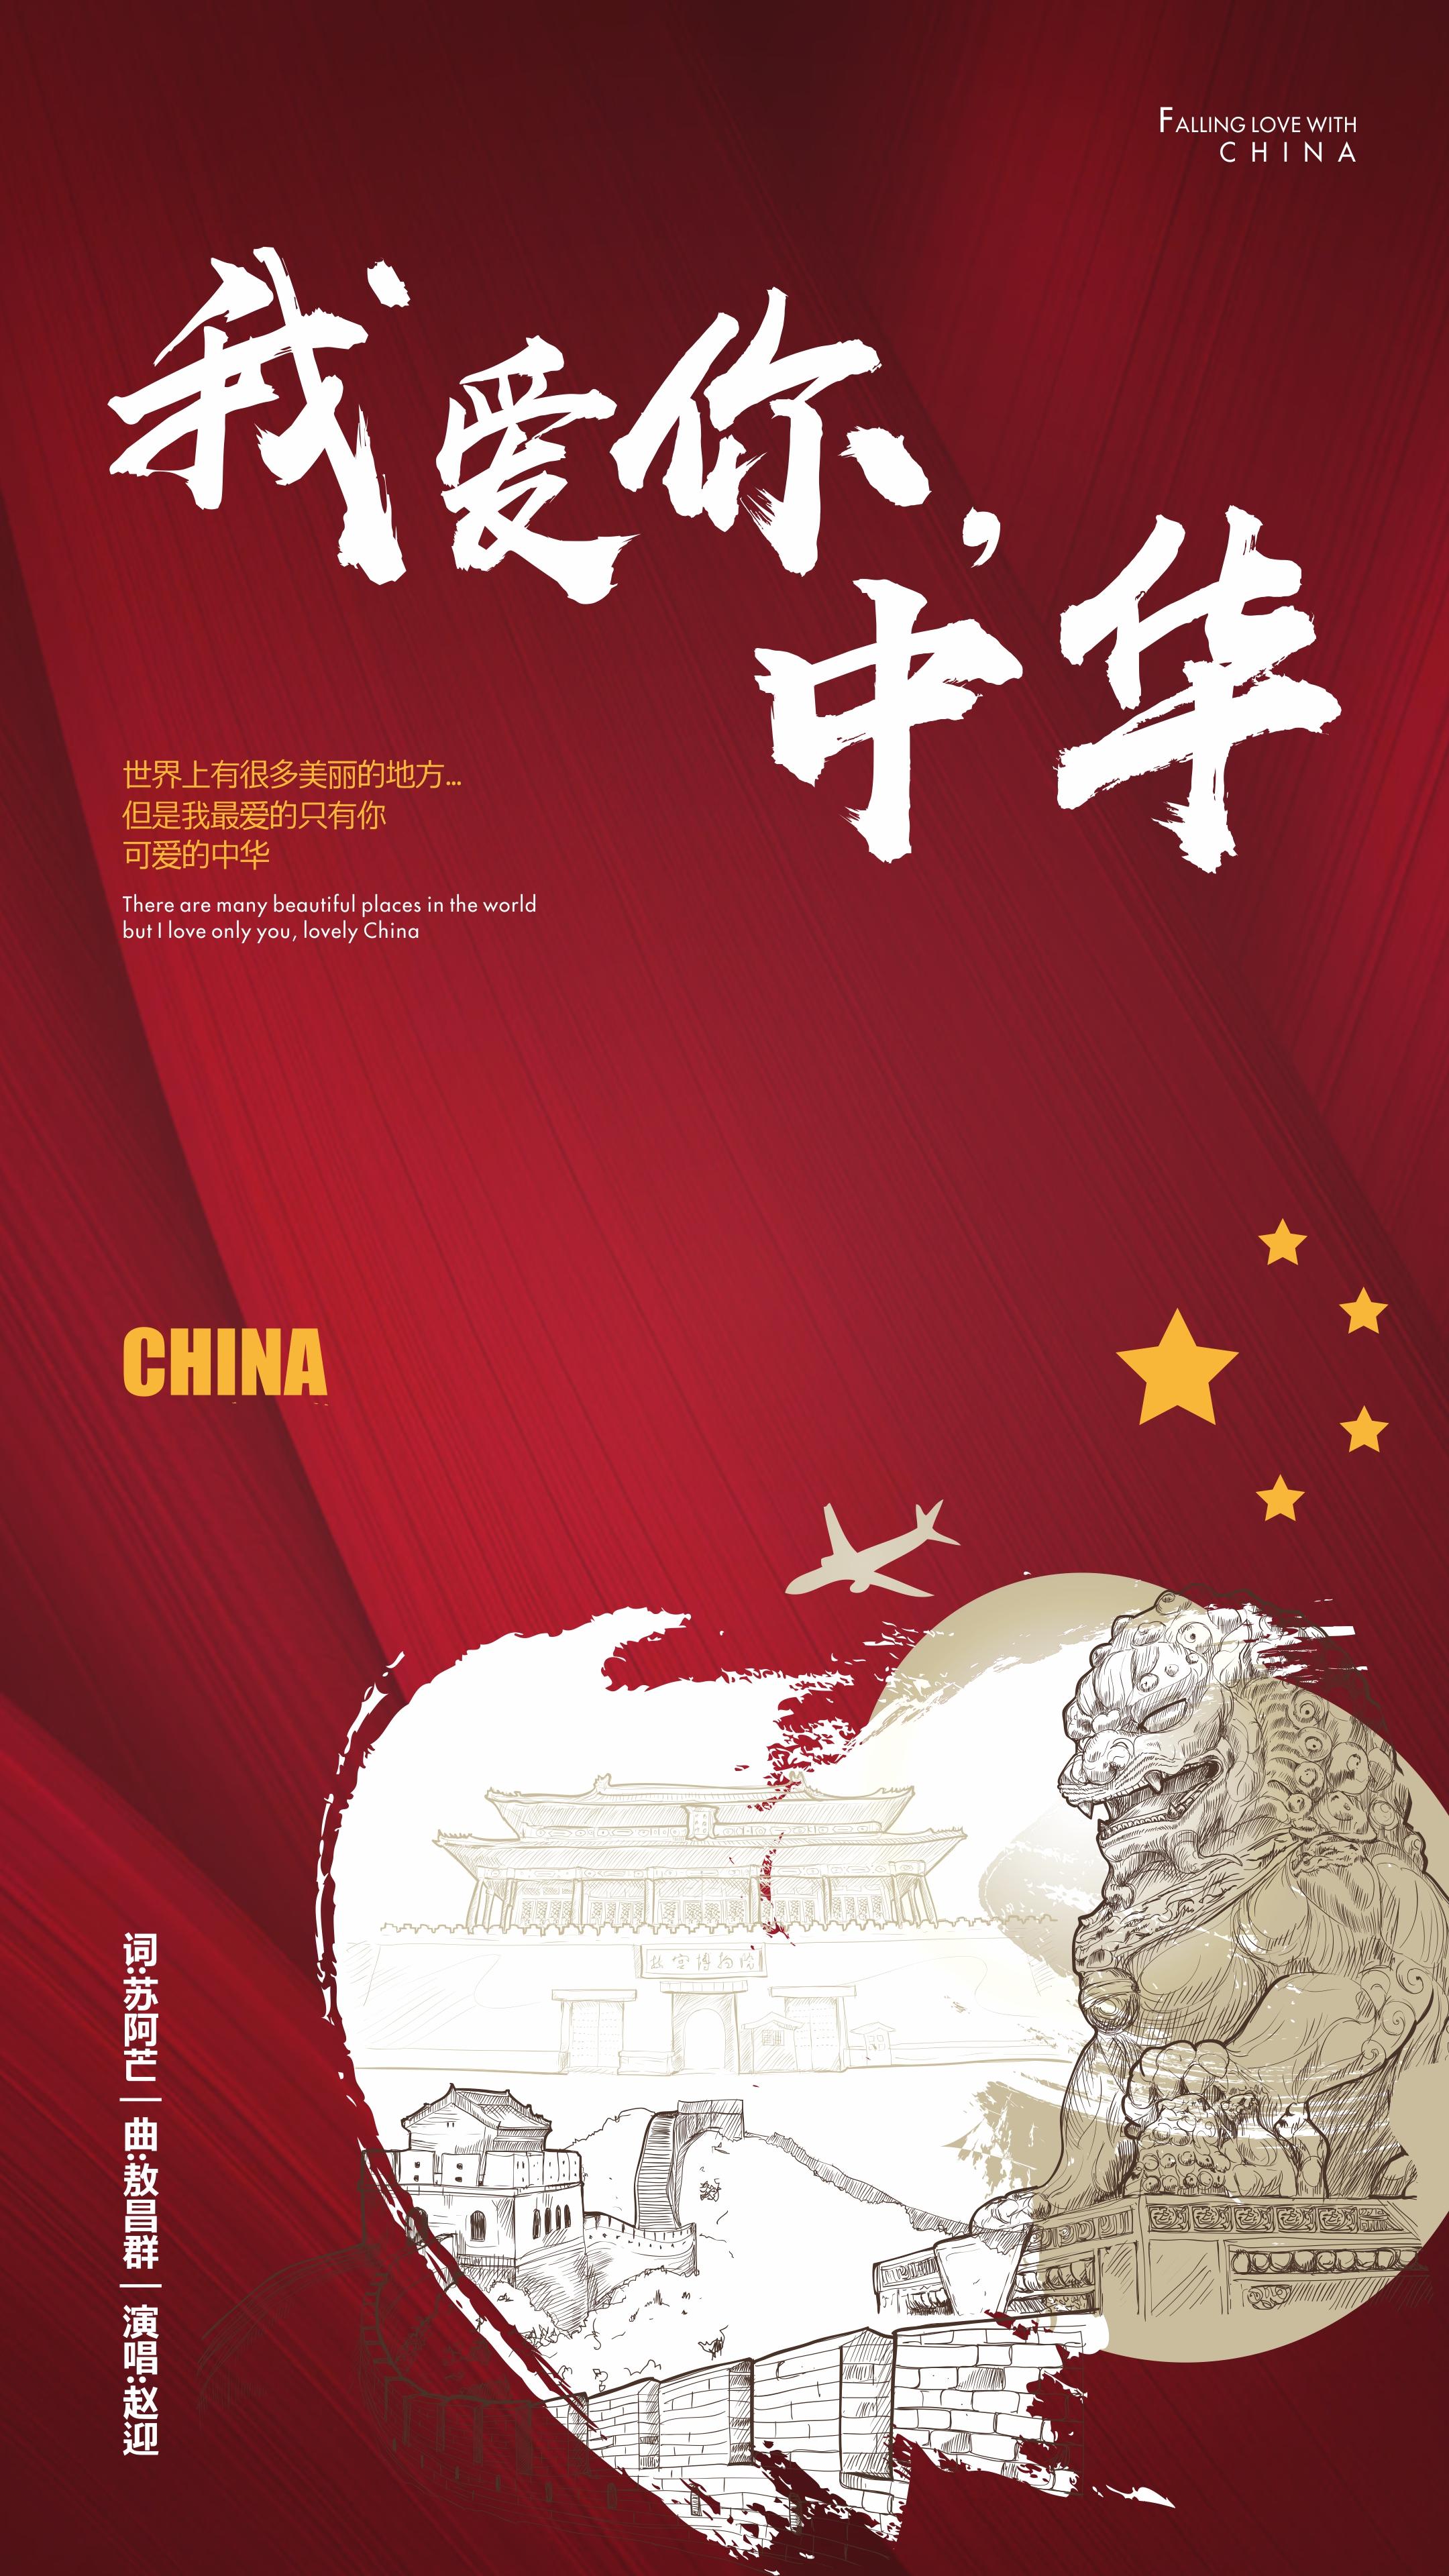 赵迎为祖国七十华诞献歌《我爱你,中华》